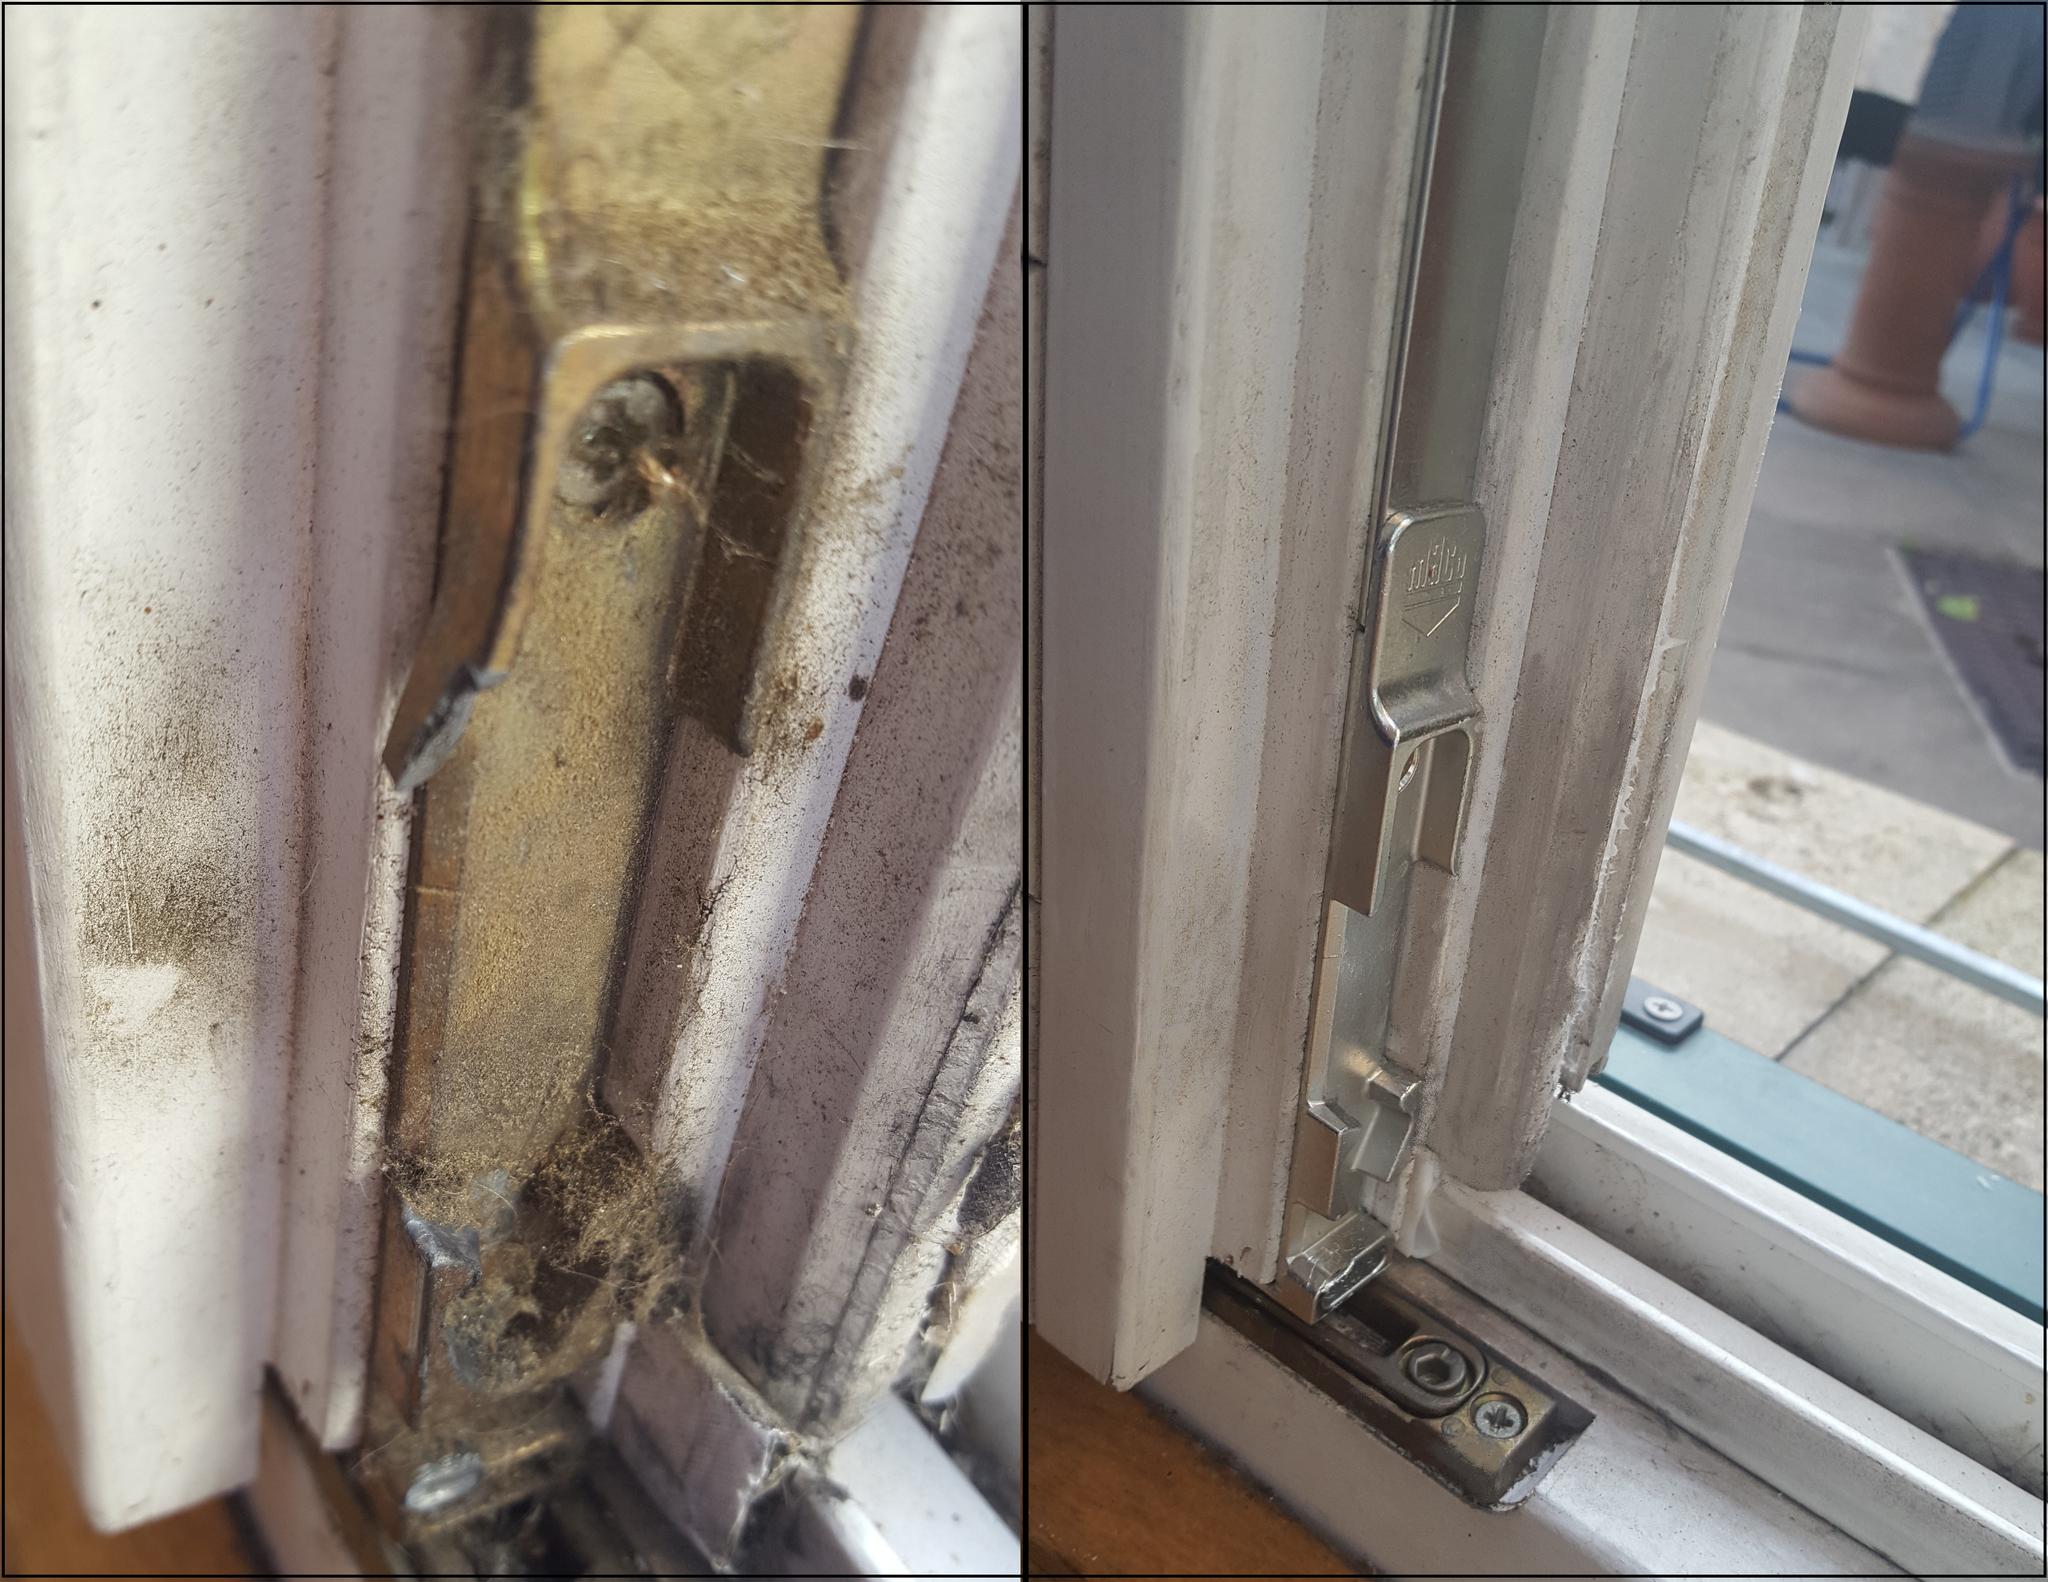 Top Fenster einstellen und reparieren - Tausch von Beschlägen NB18